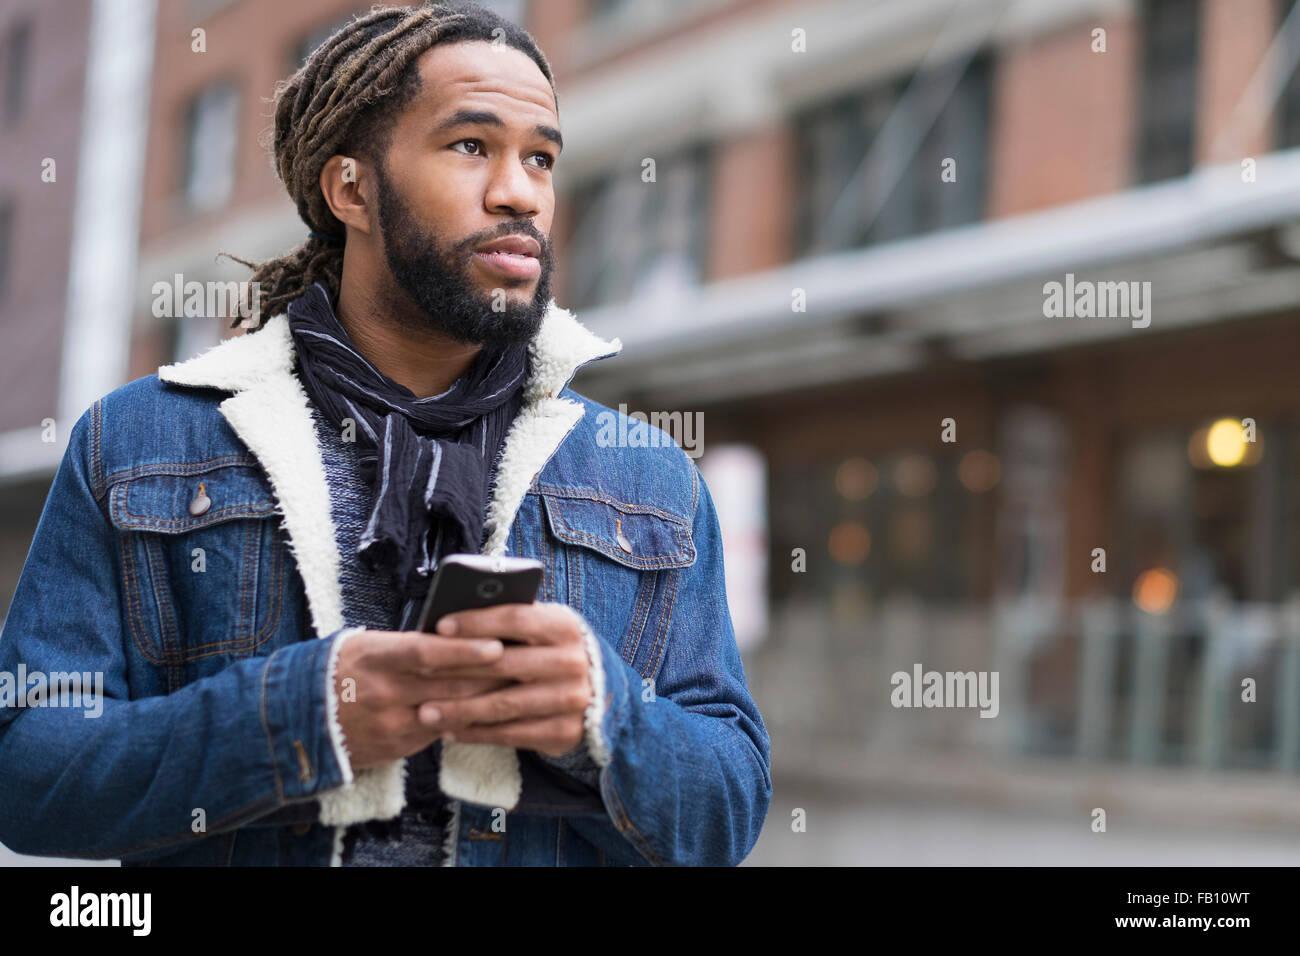 Ernster Mann mit Dreadlocks mit Smartphone in Straße Stockfoto